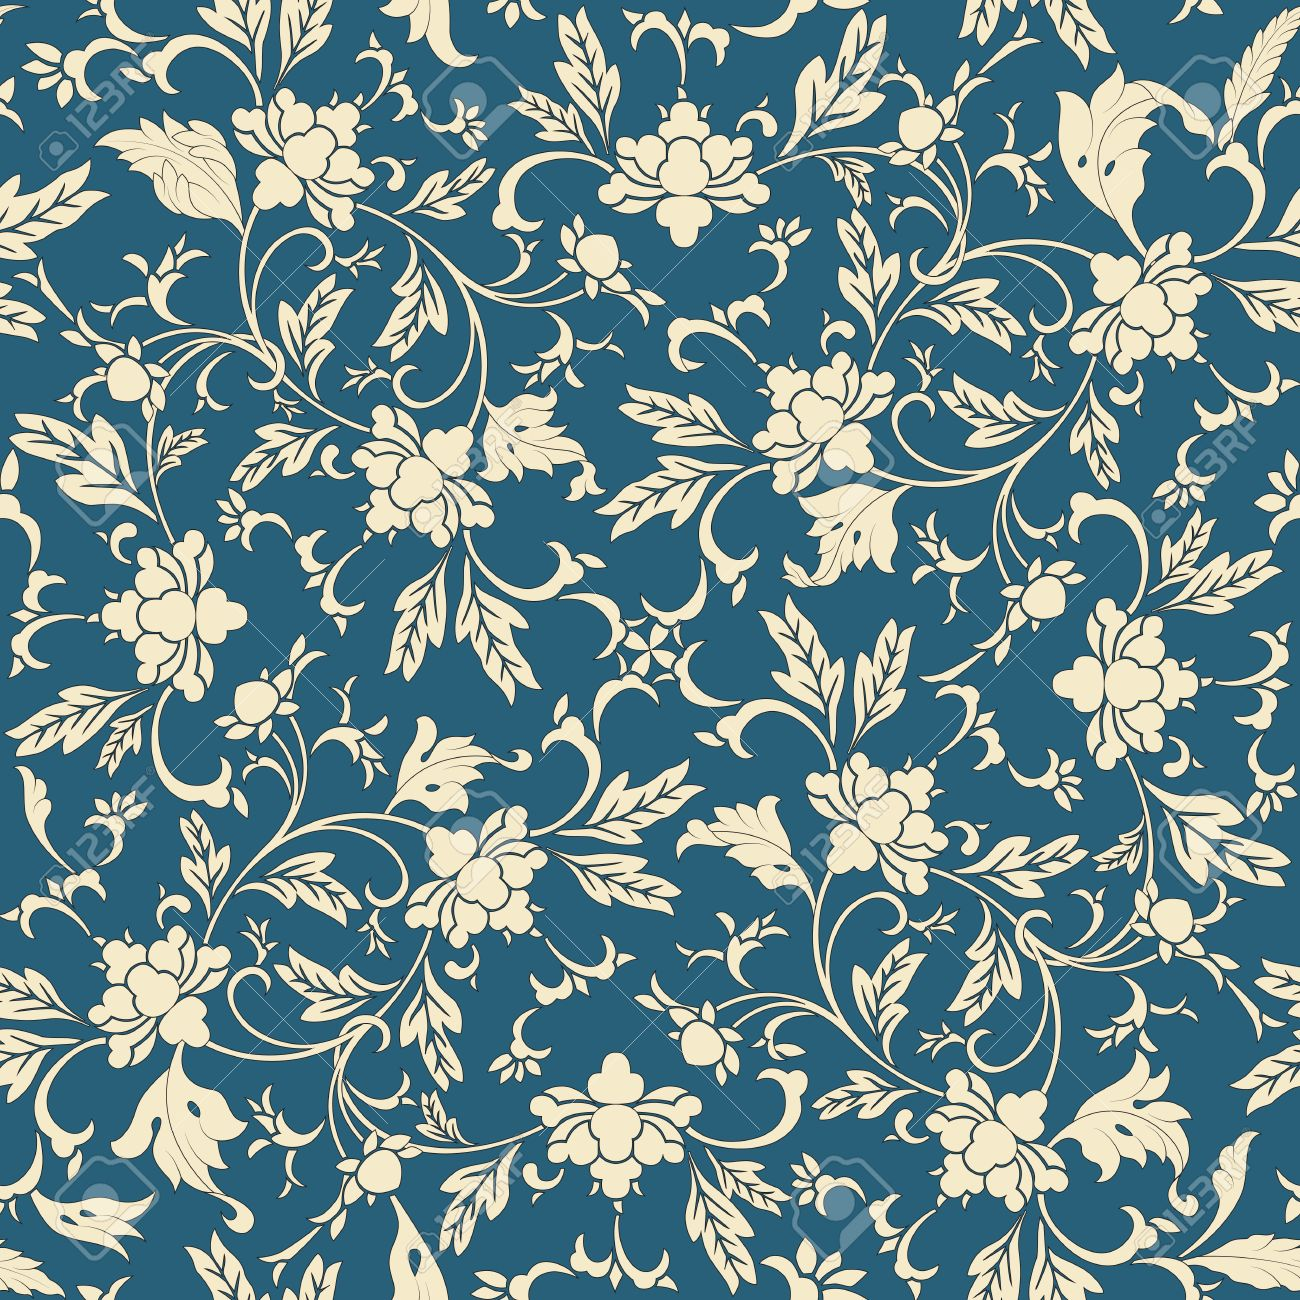 Fototapete Nahtlose Muster Orientalisch Pixers